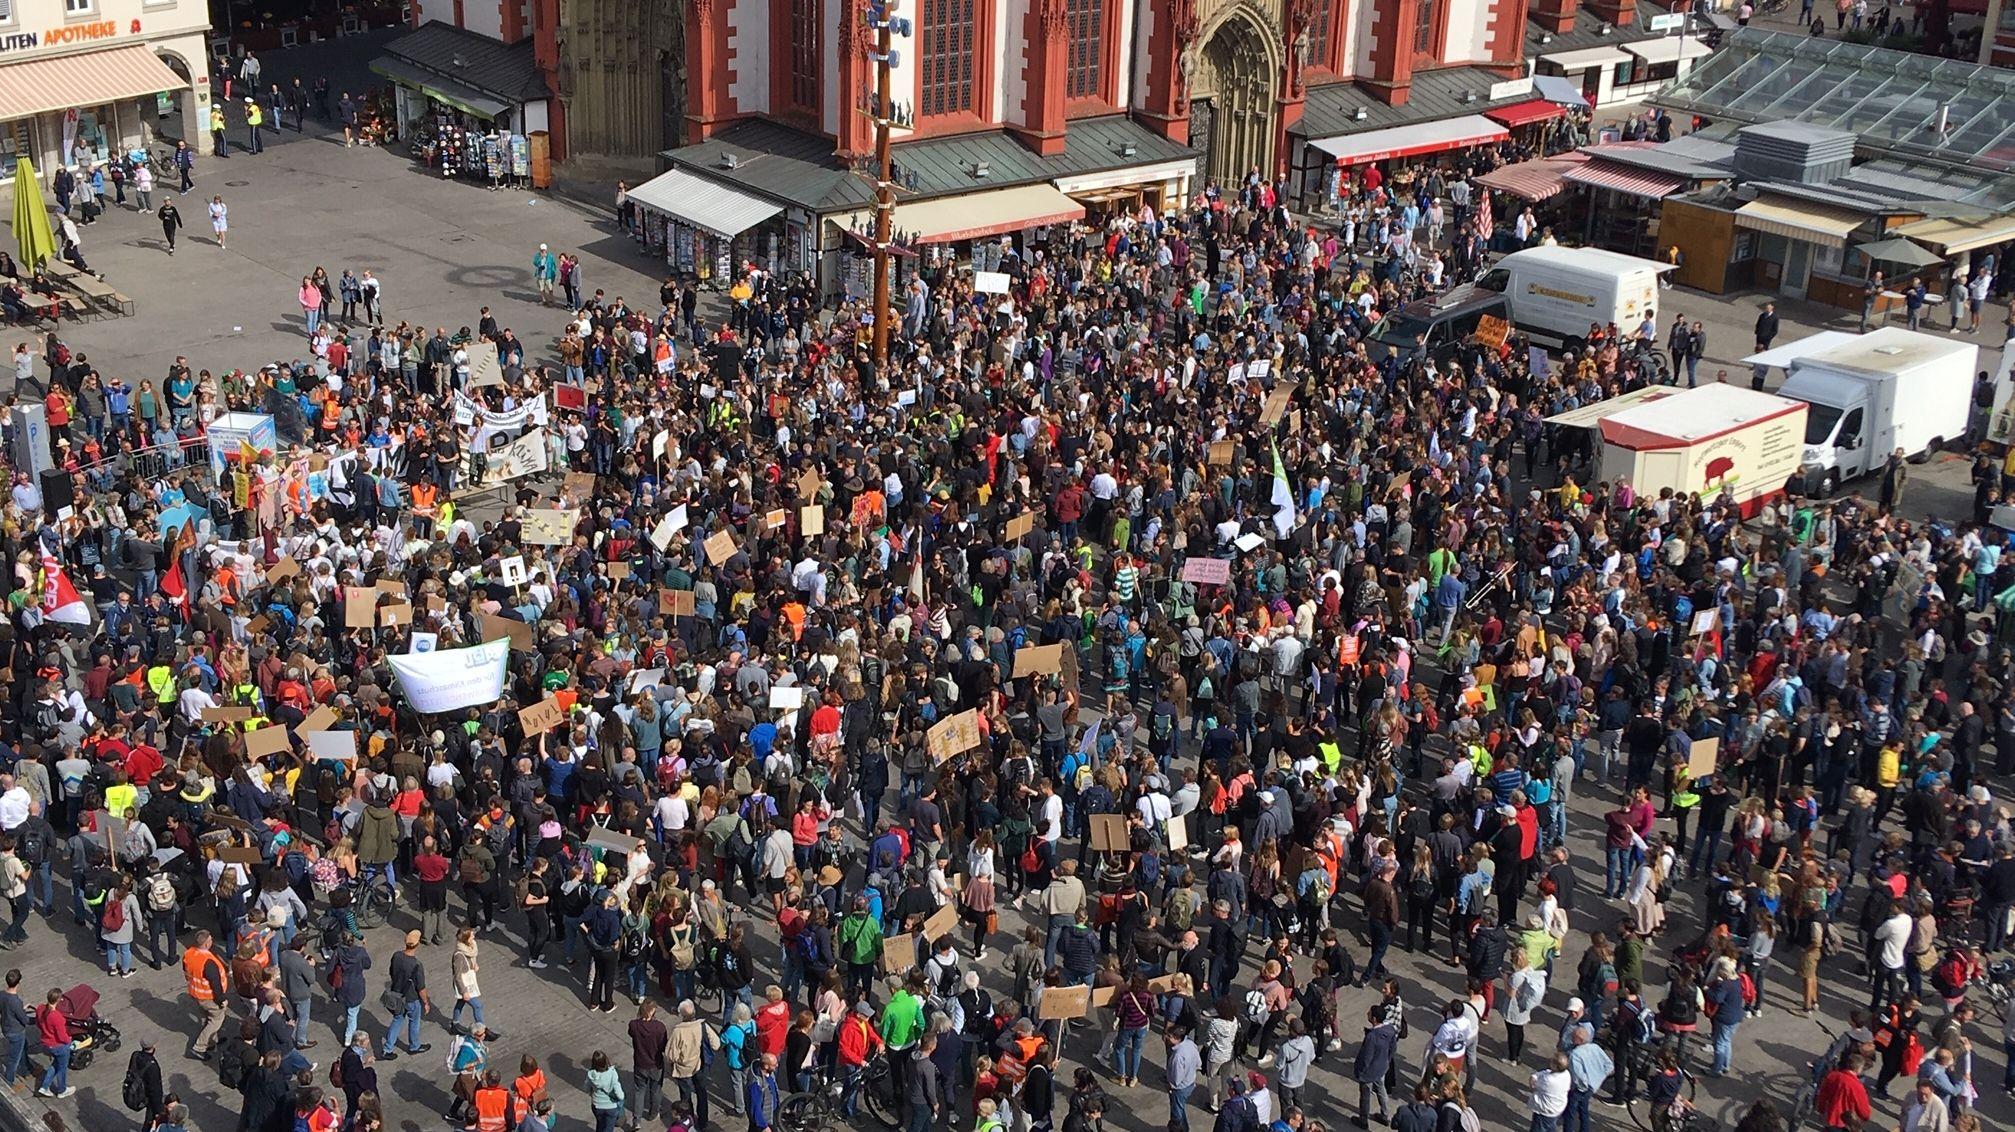 Ende der Klima-Demonstration am Unteren Markt in Würzburg